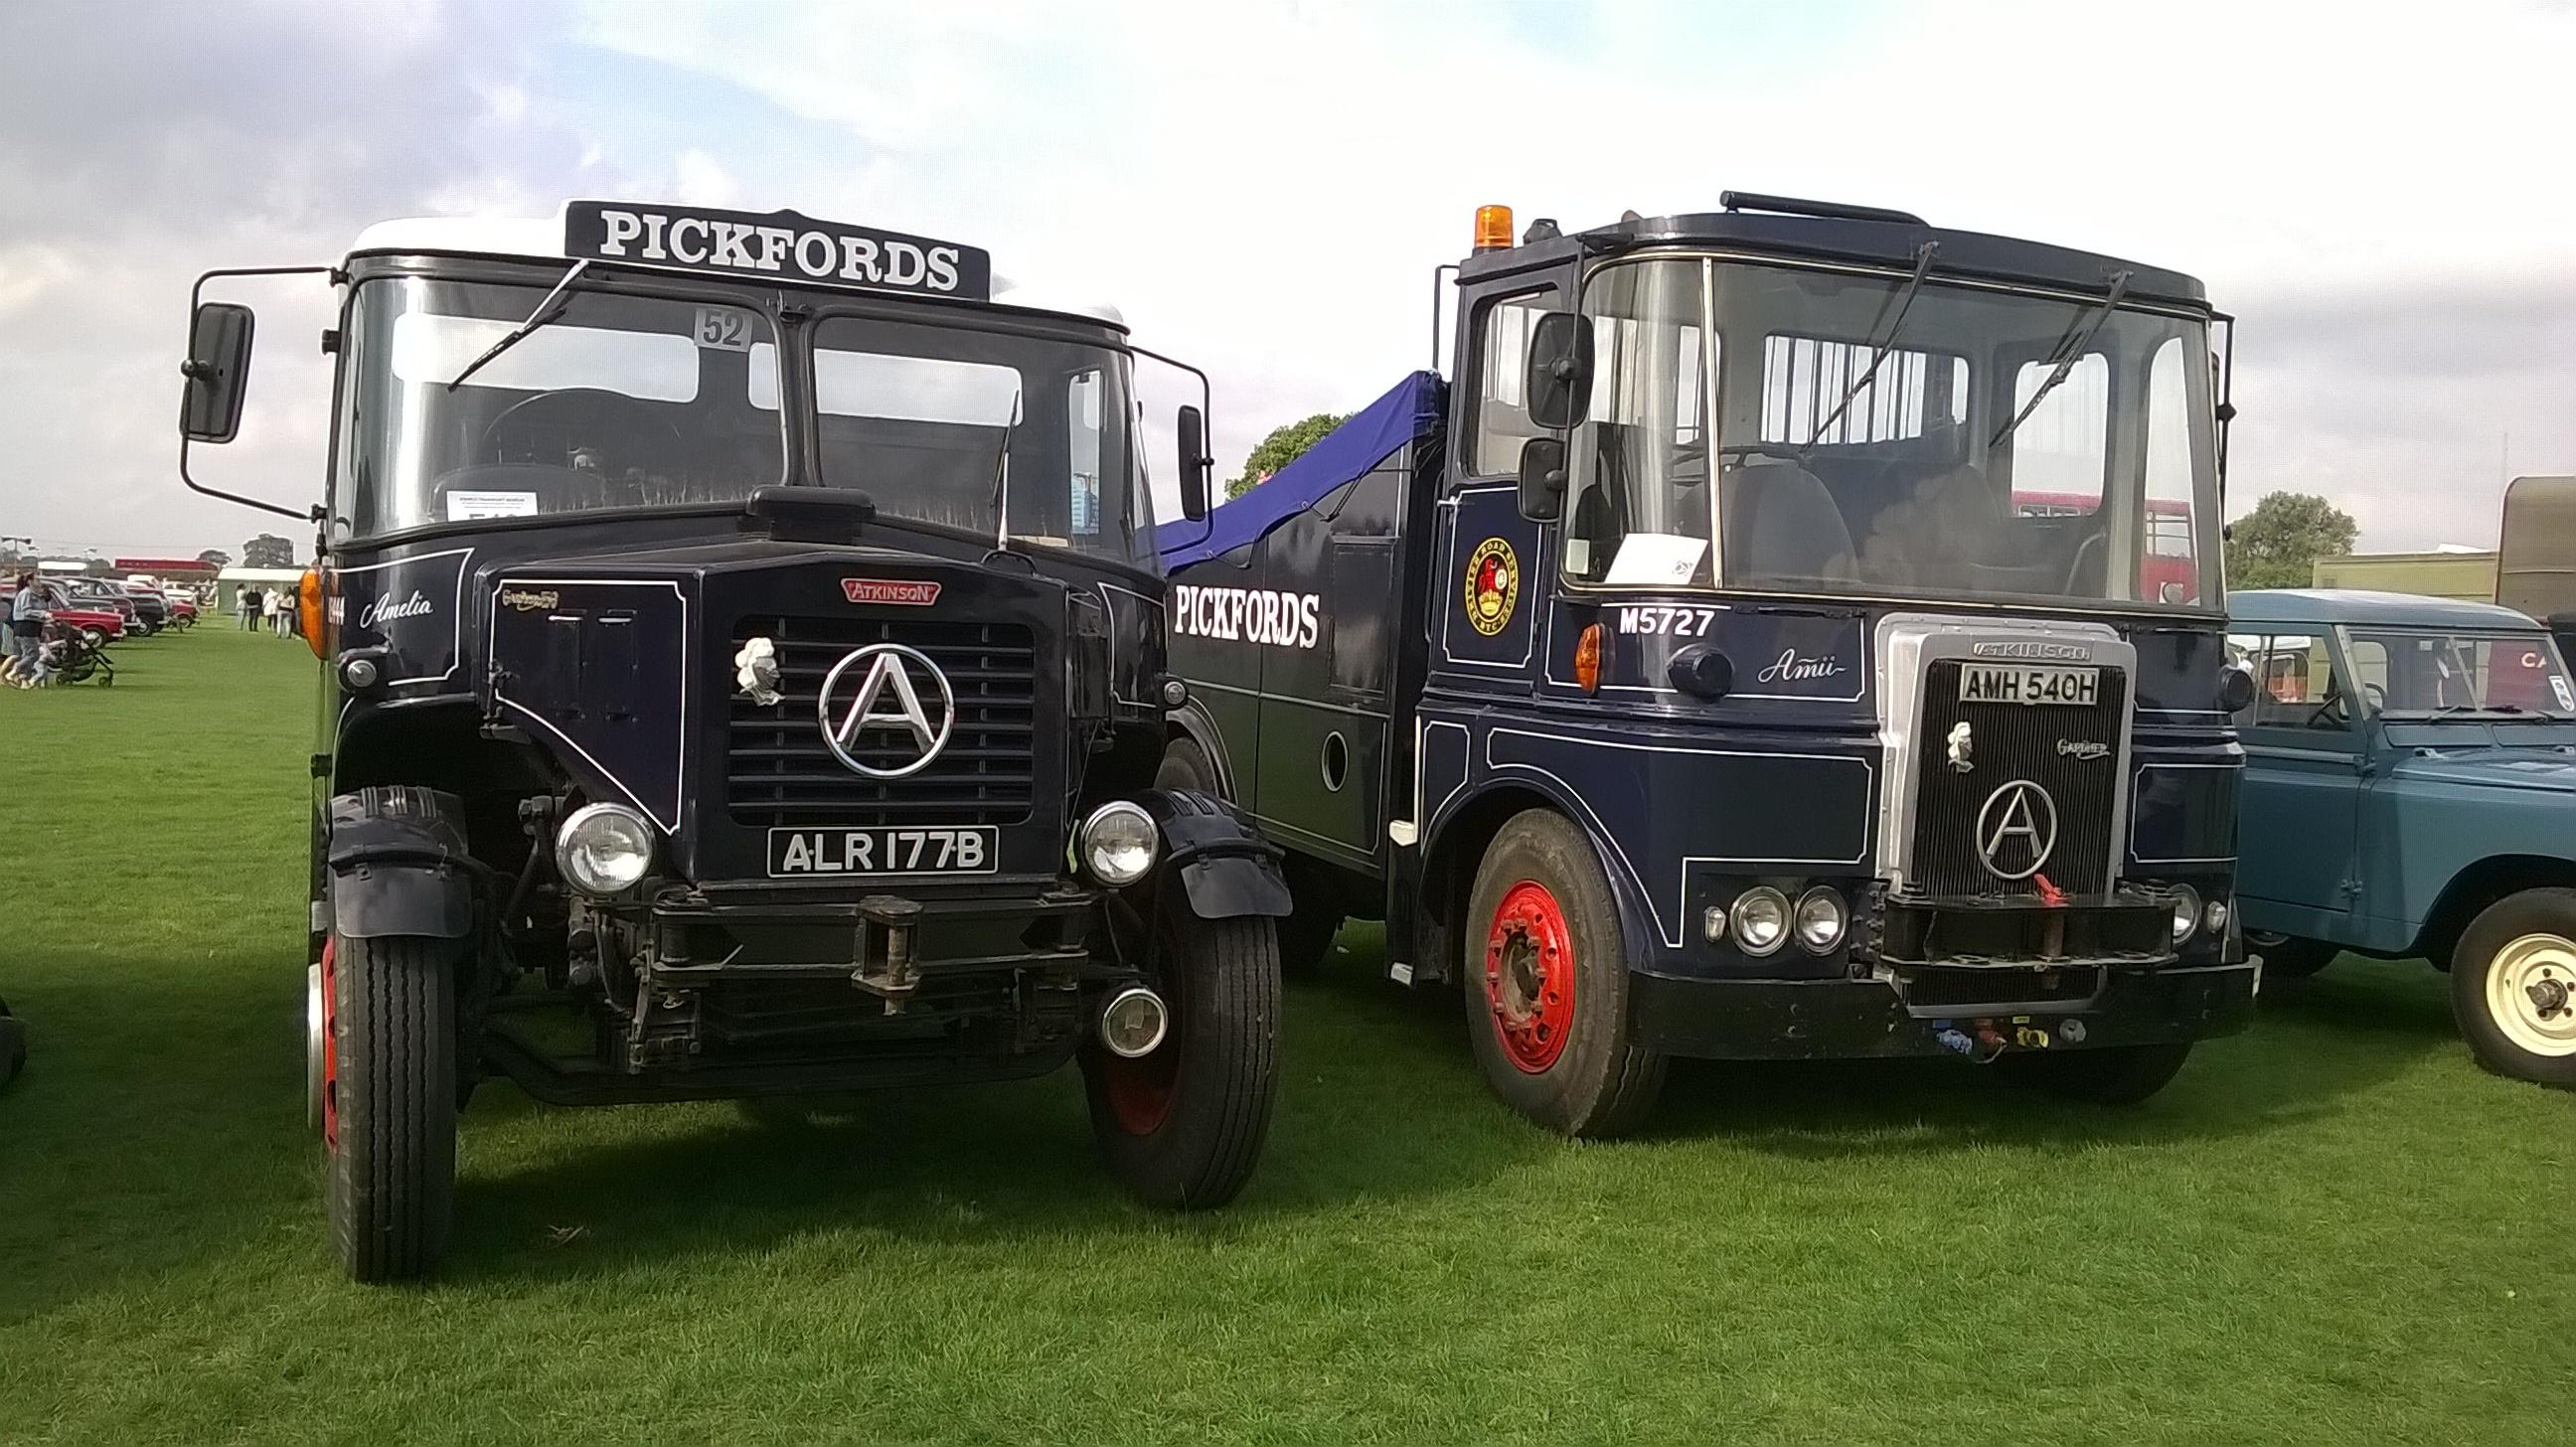 Atkinson_trucks_-Pickfords